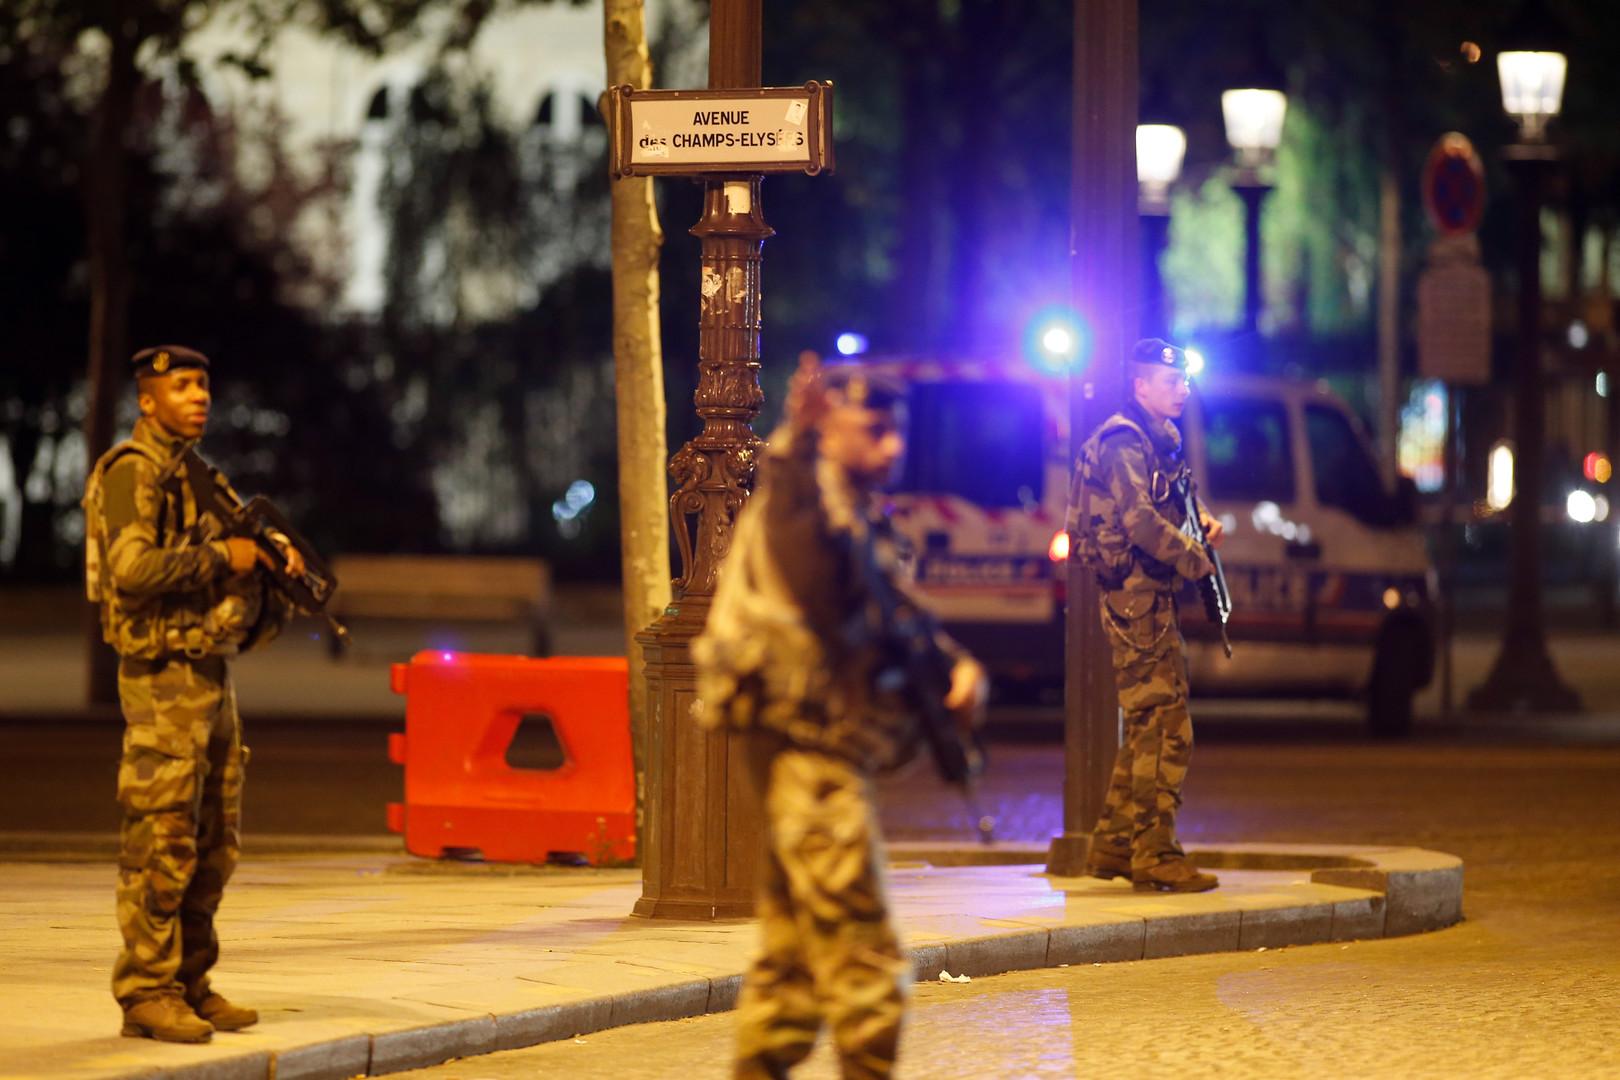 Личность нападавшего наполицейских встолице франции  вплоть доэтого времени  неустановлена